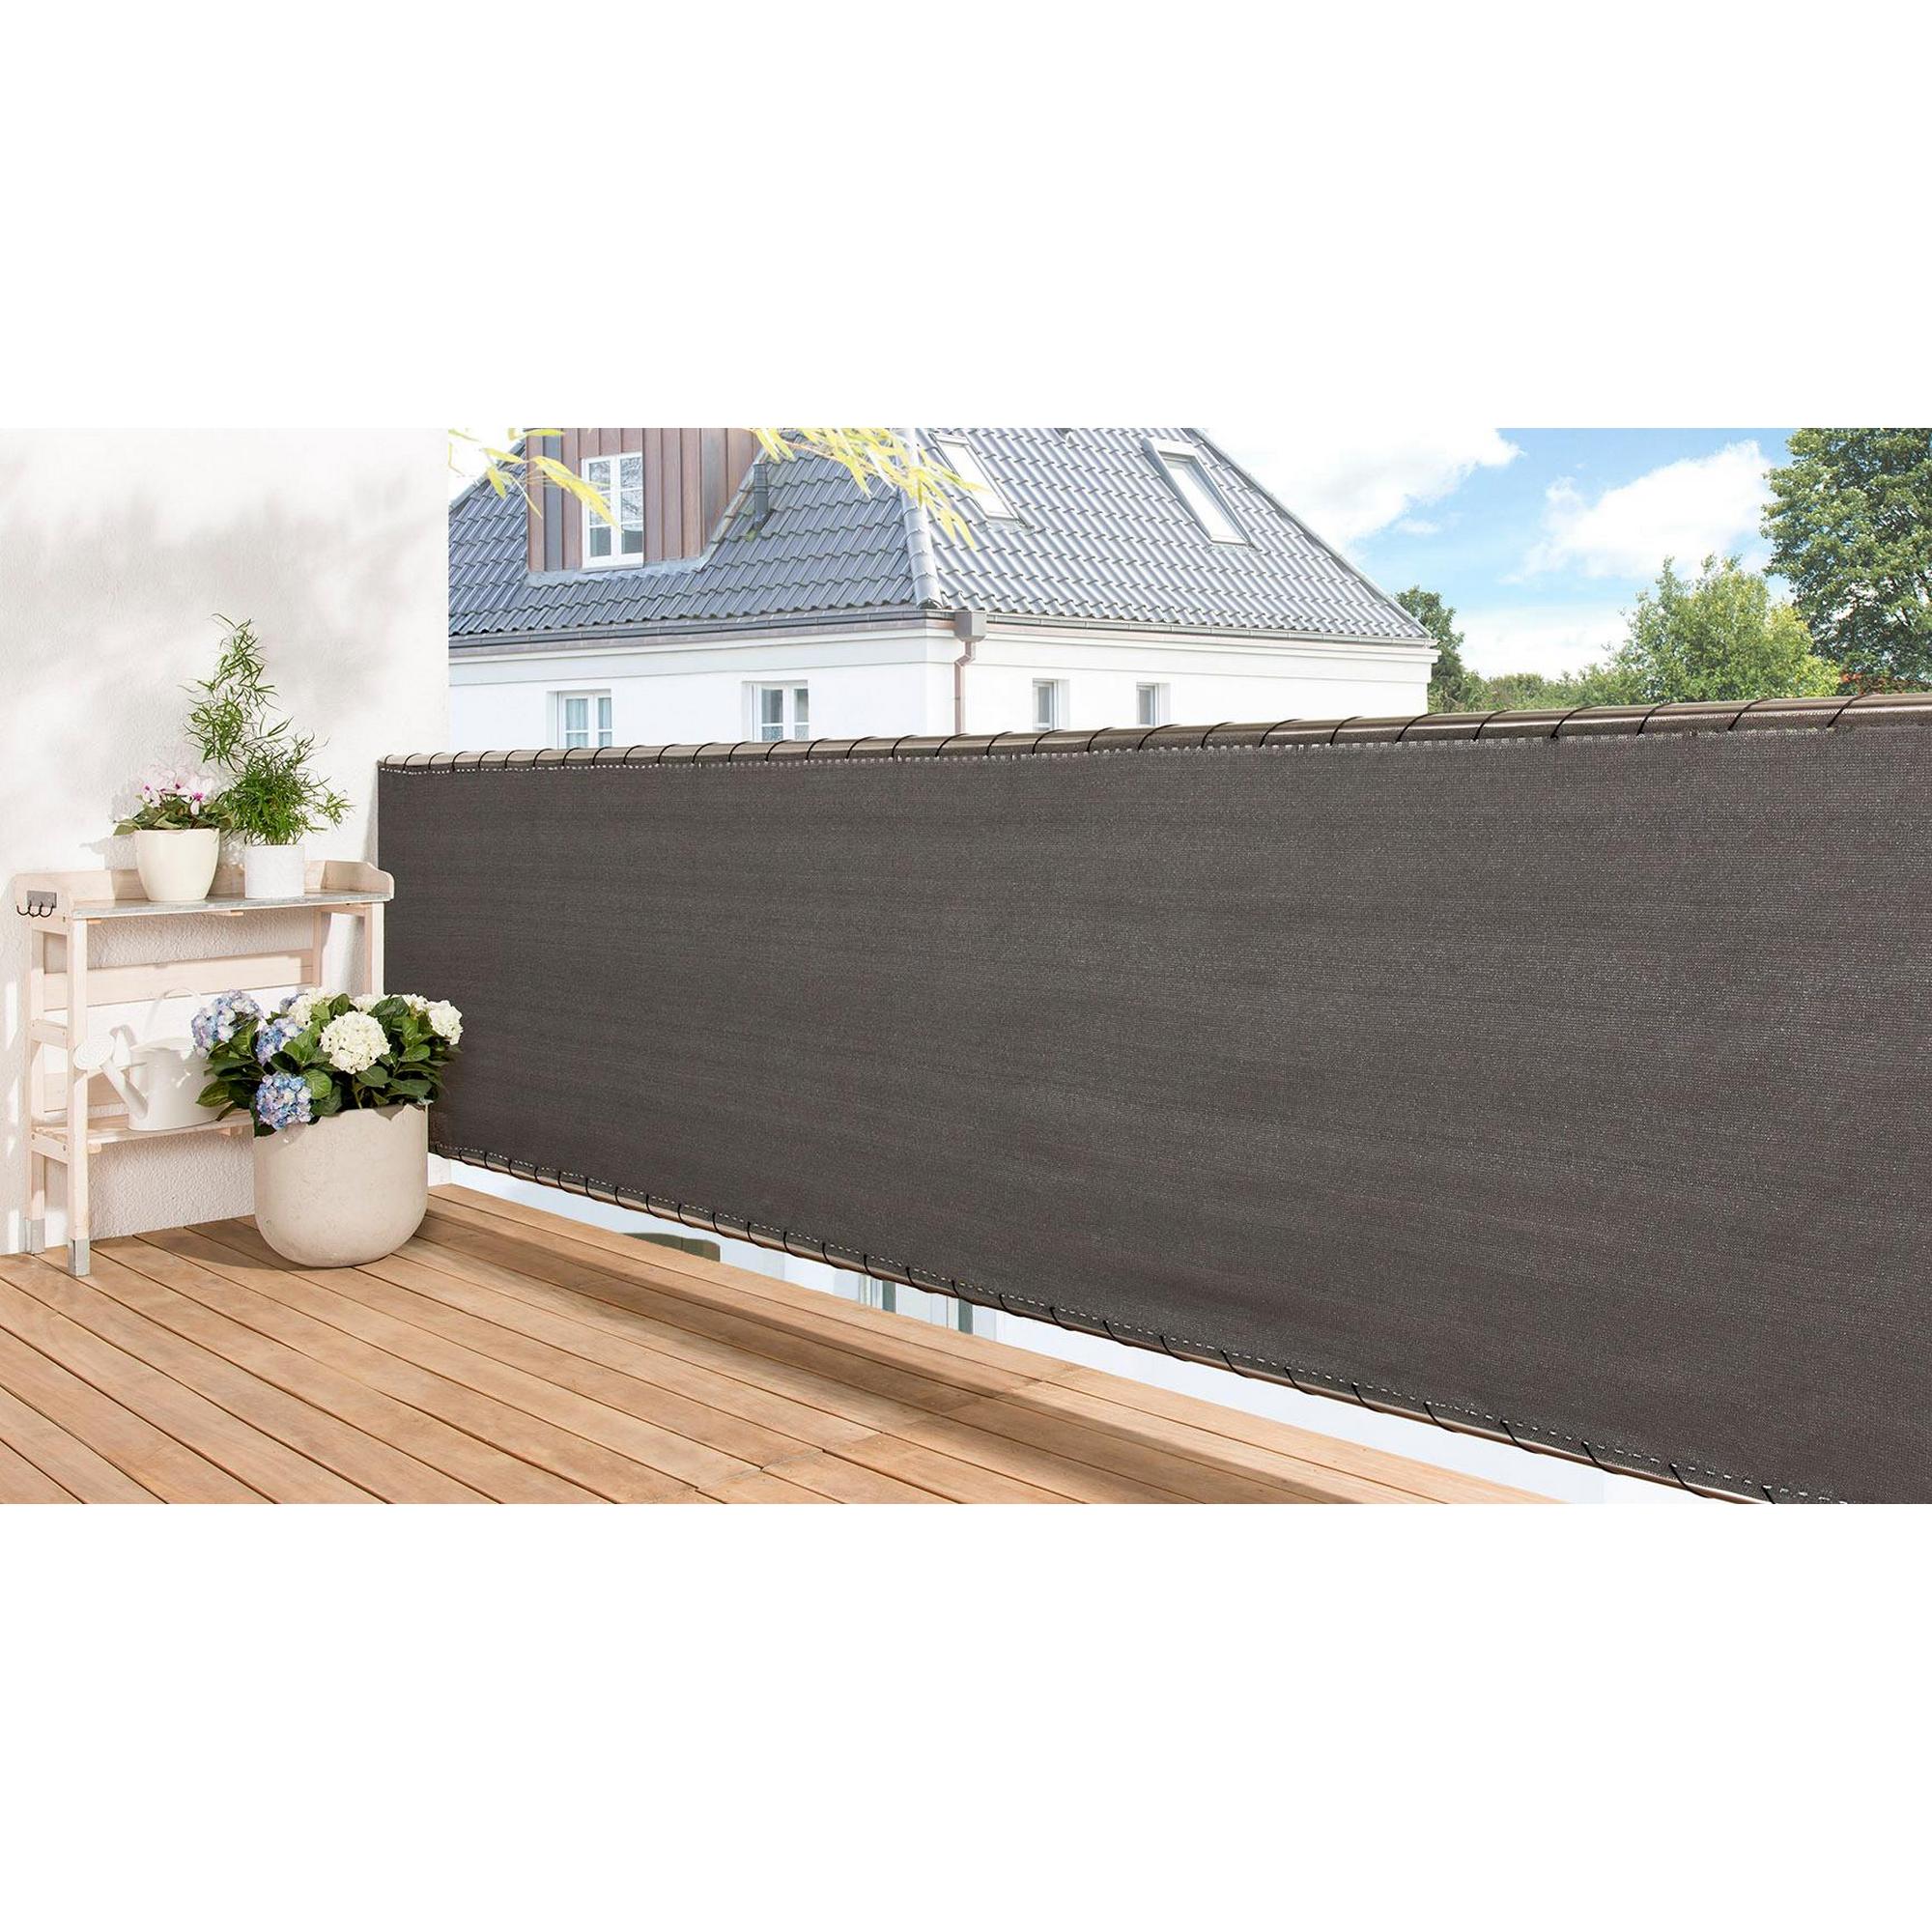 Balkonverkleidung 500 X 150 Cm Grau ǀ Toom Baumarkt